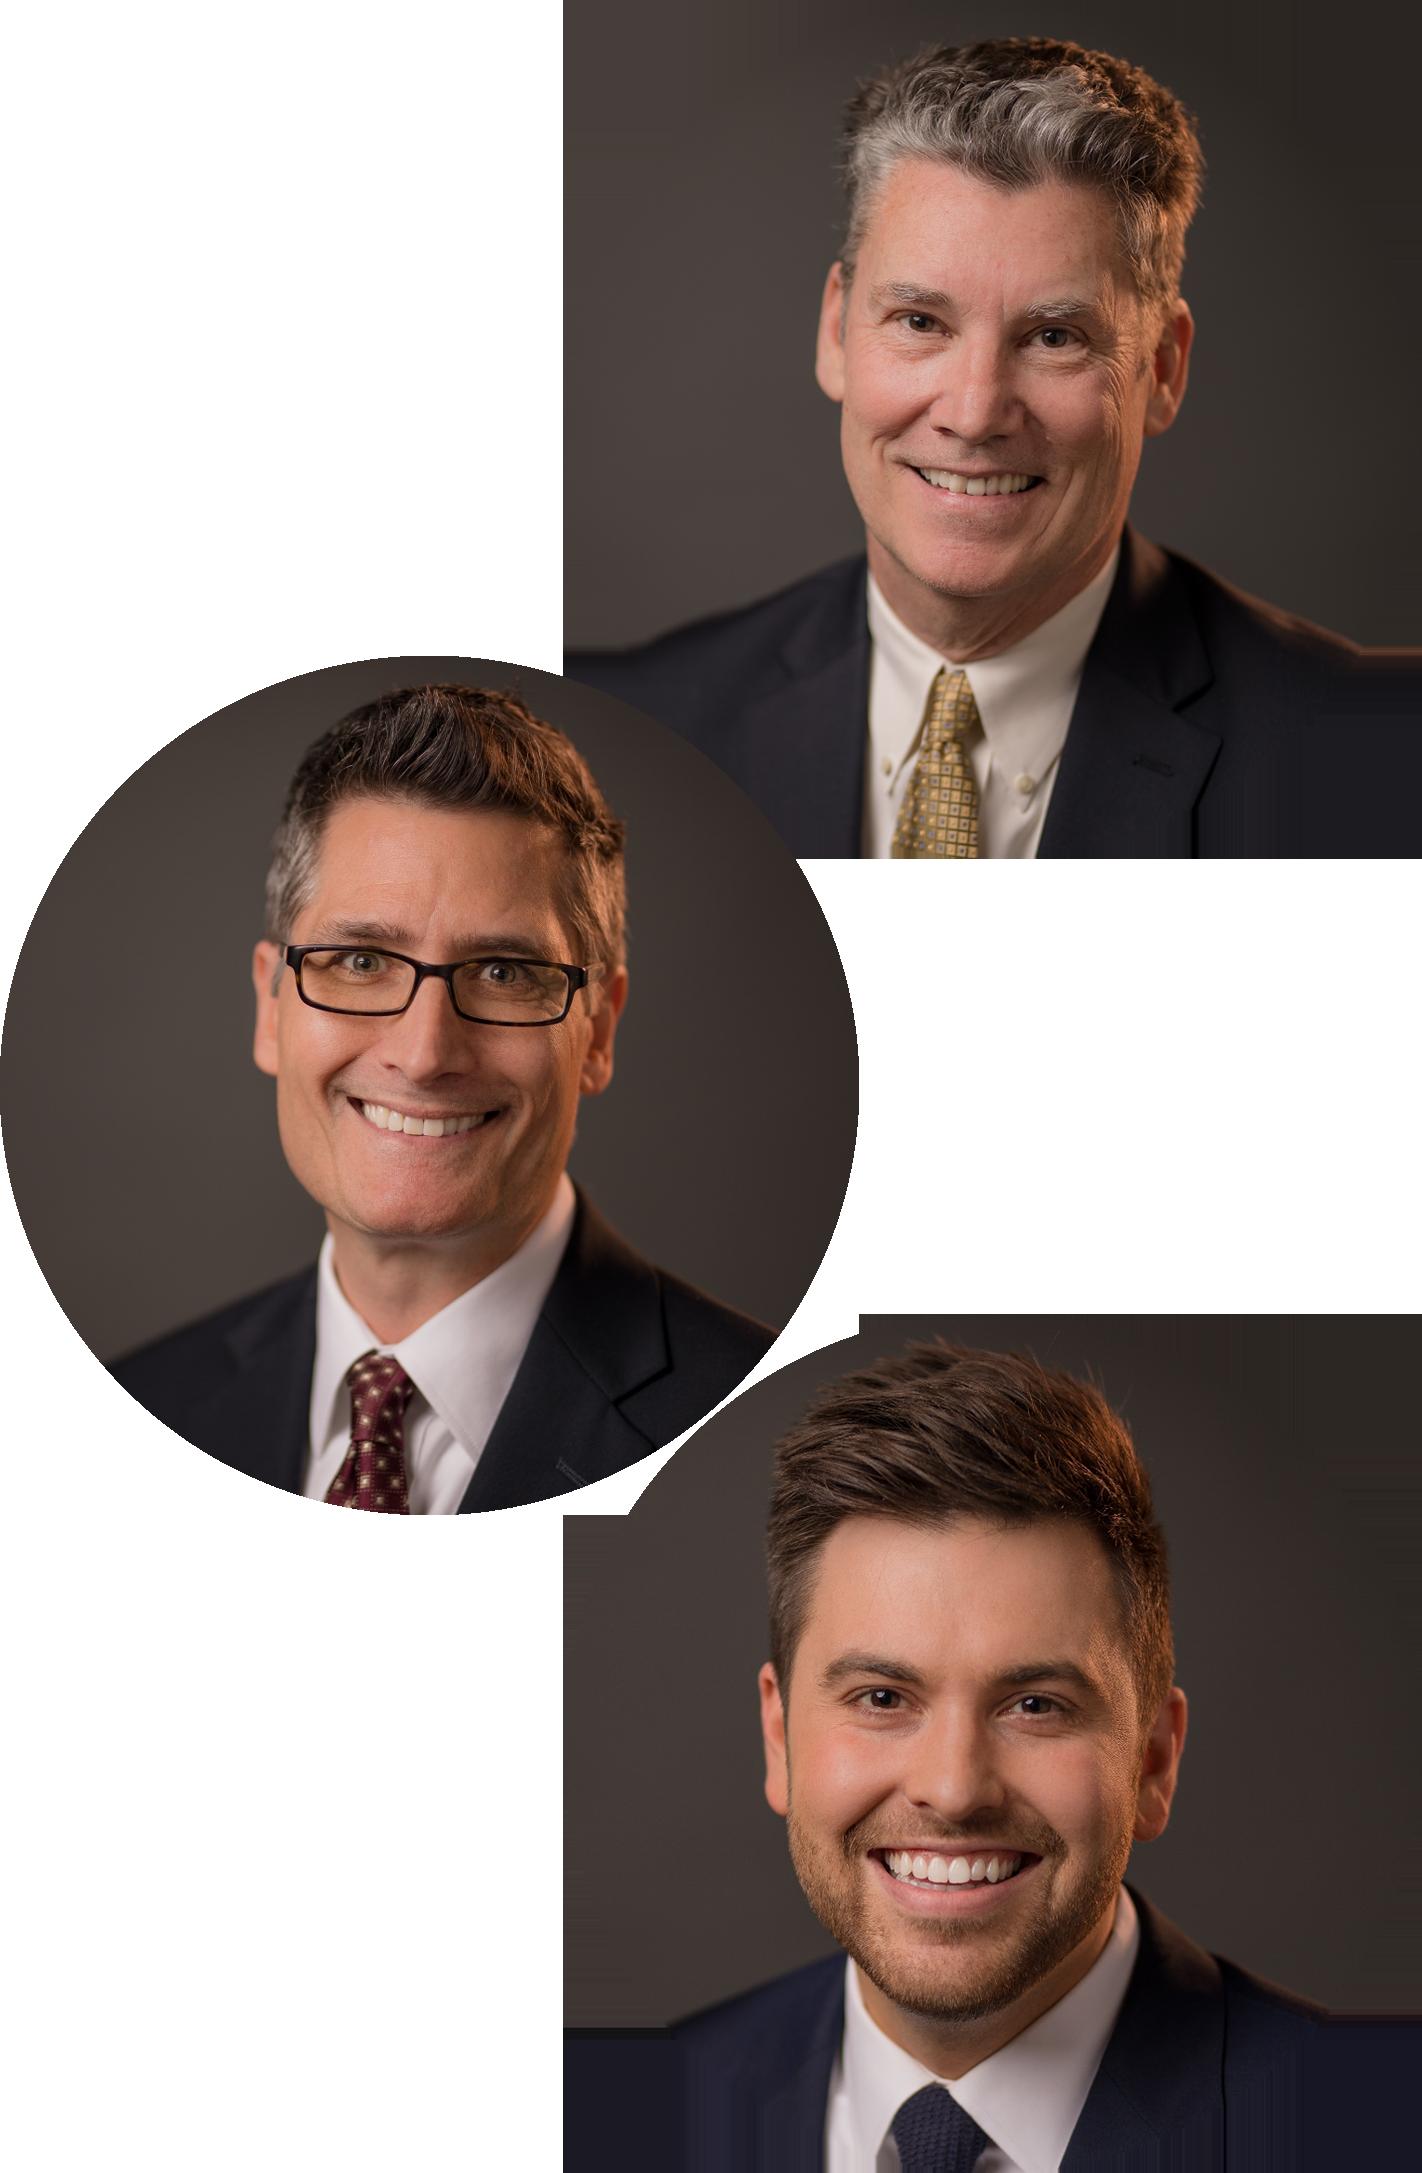 Jeff Williams/Mark Pinto/Miles Eaton